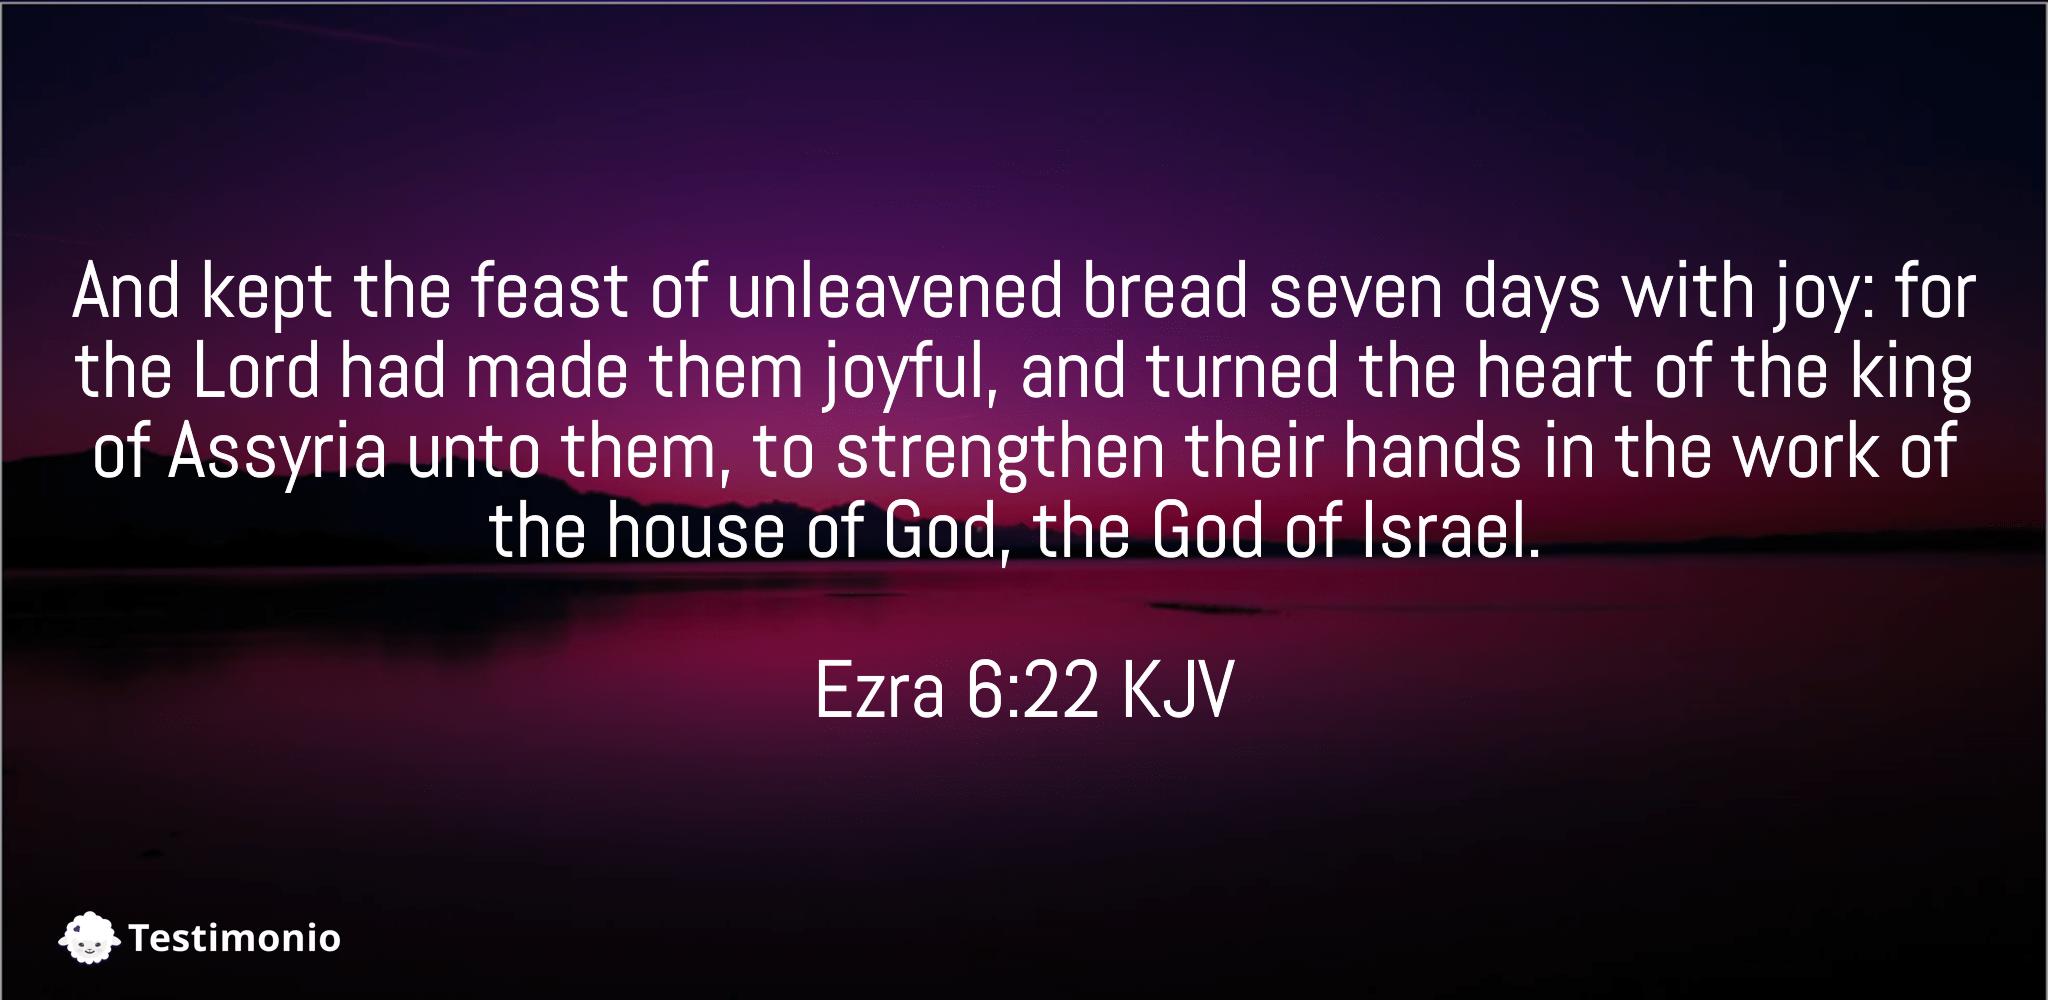 Ezra 6:22